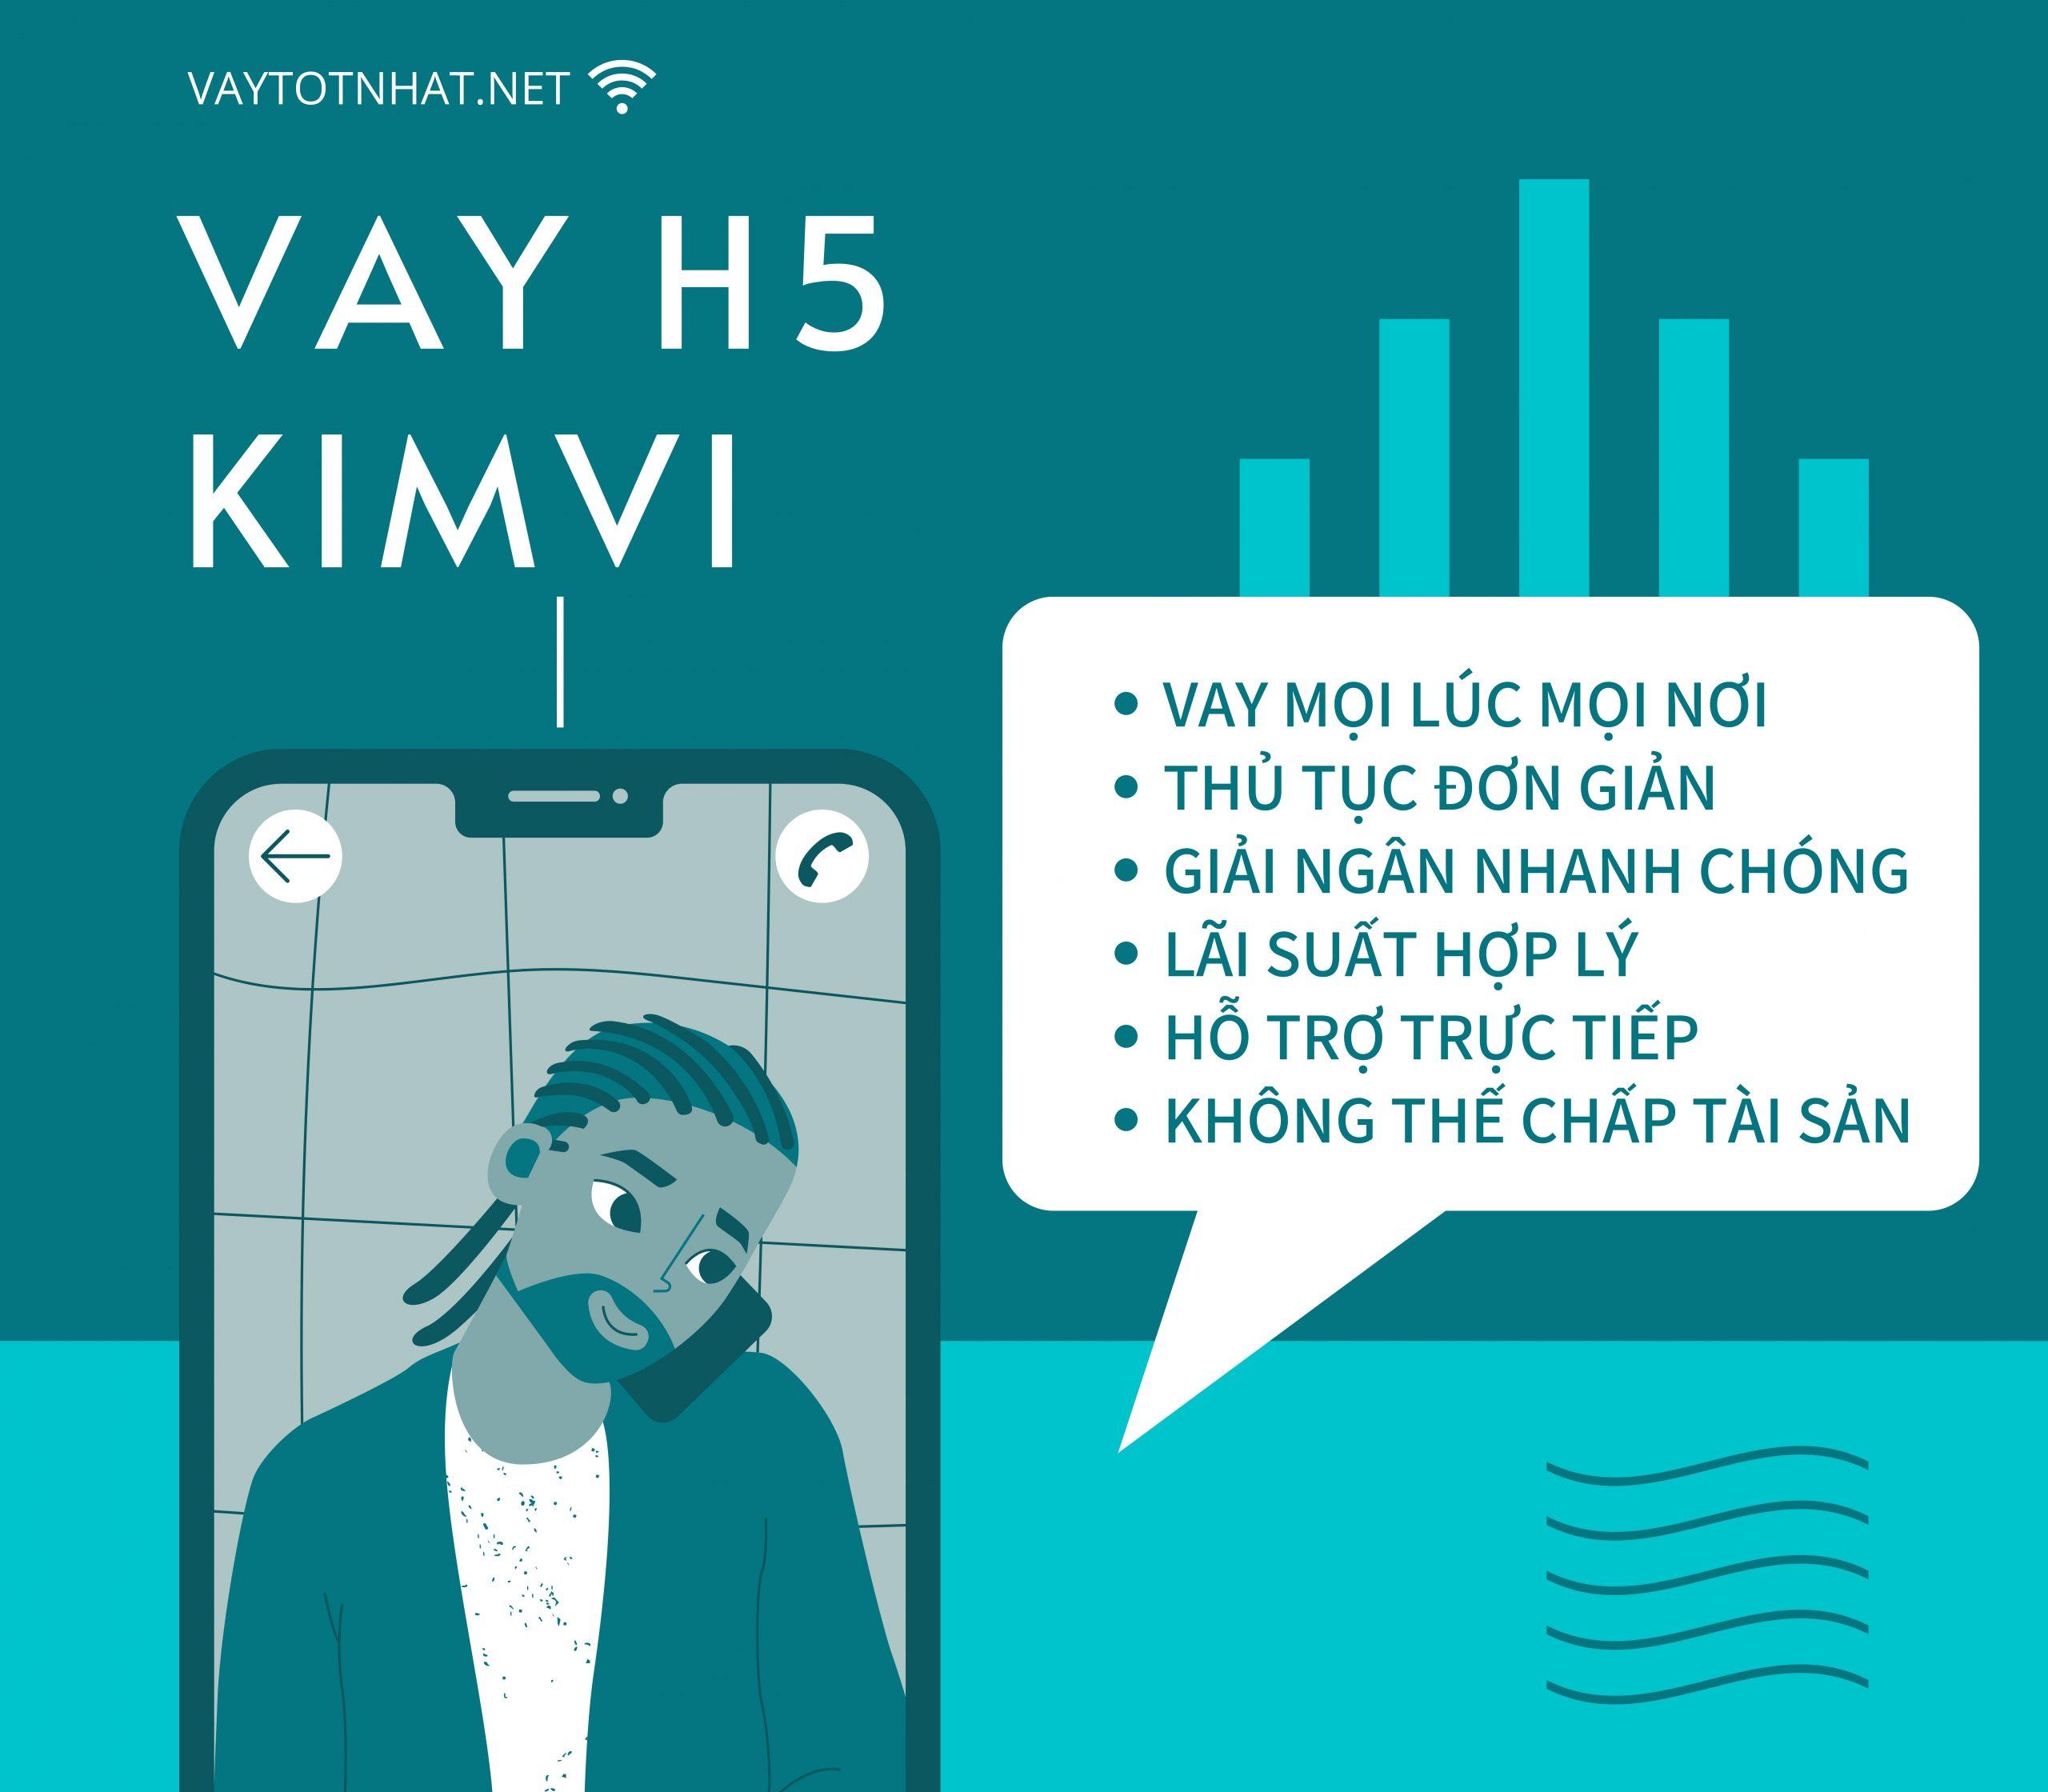 Ưu điểm vay Kimvi